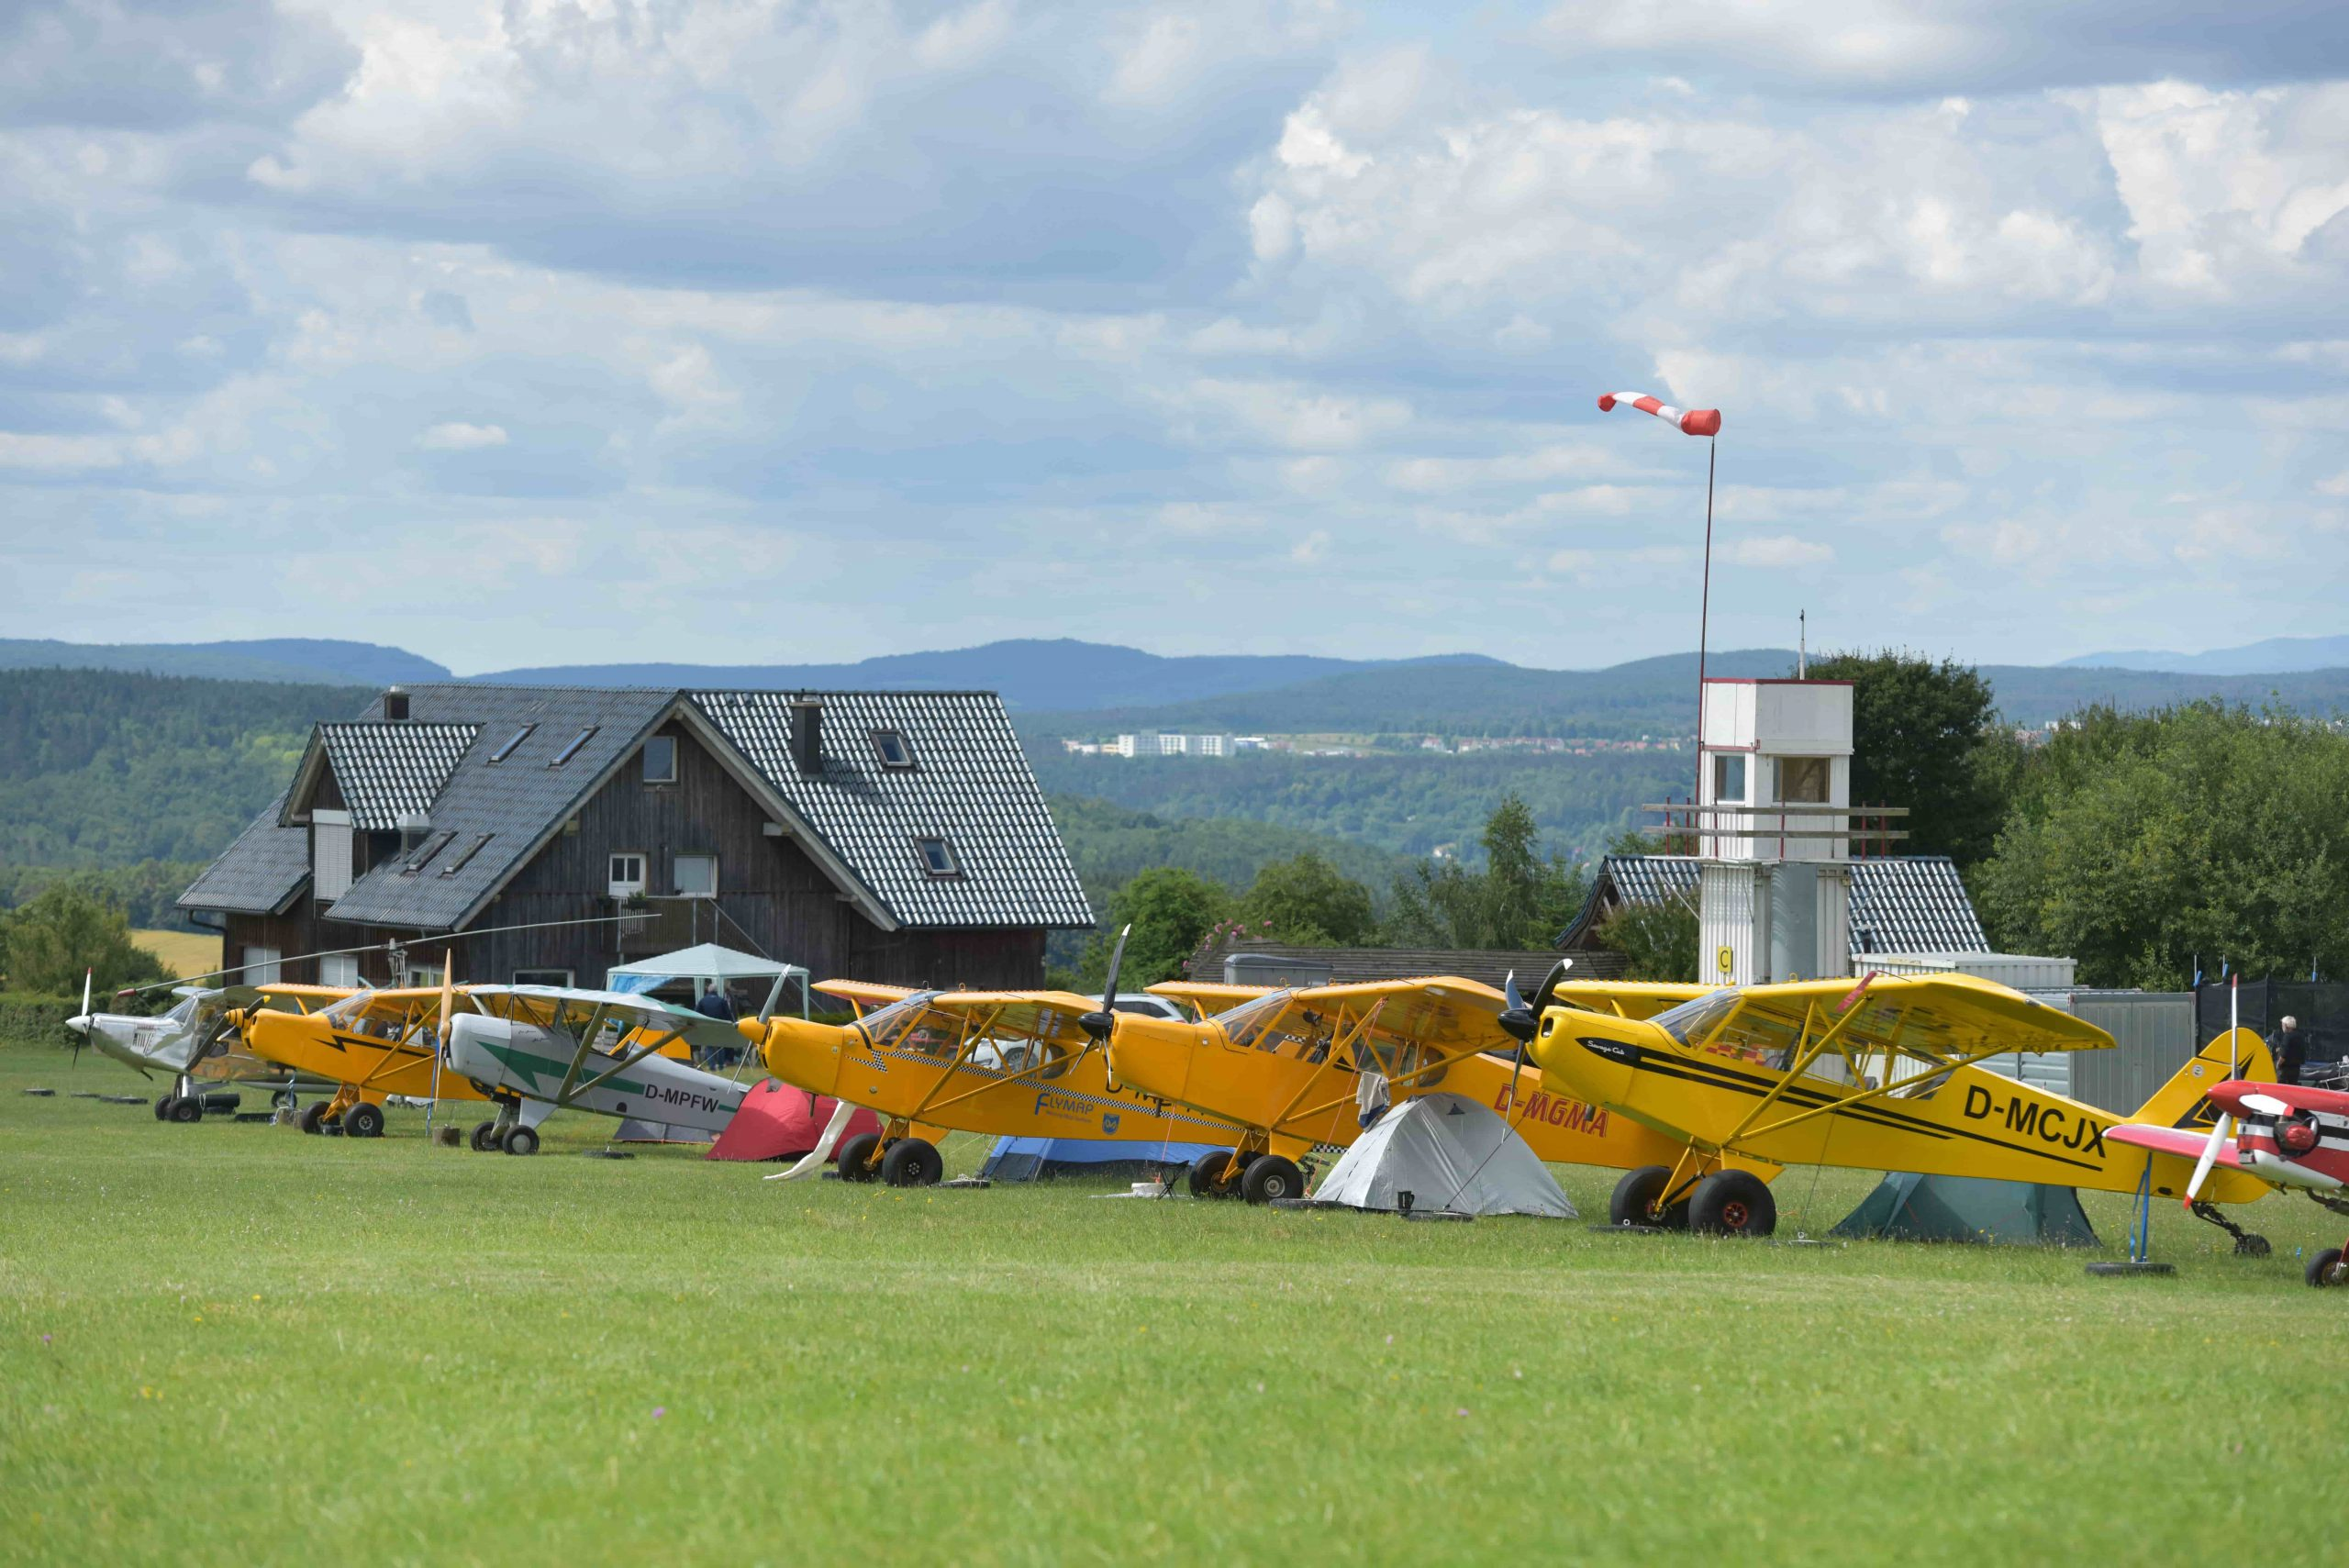 Dolmar Spornradtreffen Flugplatz Camp Dolmar